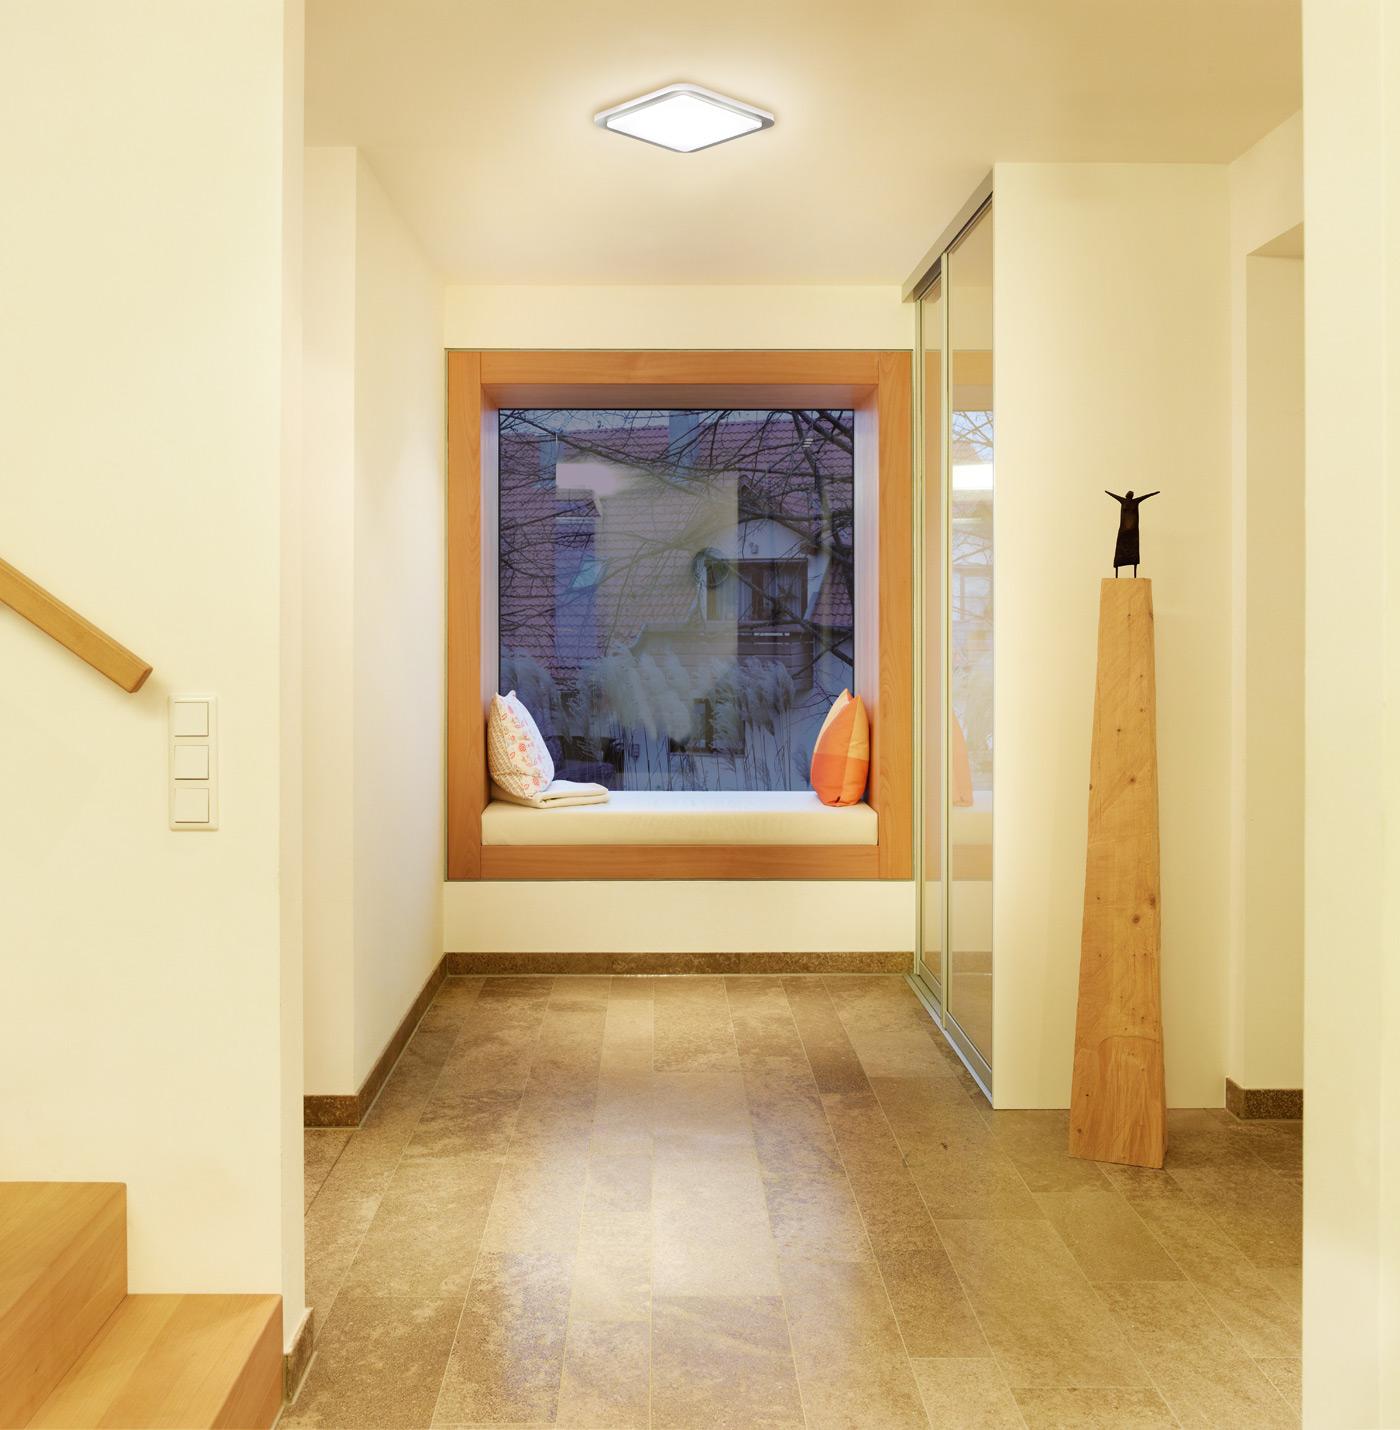 steinel sensorleuchte rs led d2 evo 007928. Black Bedroom Furniture Sets. Home Design Ideas